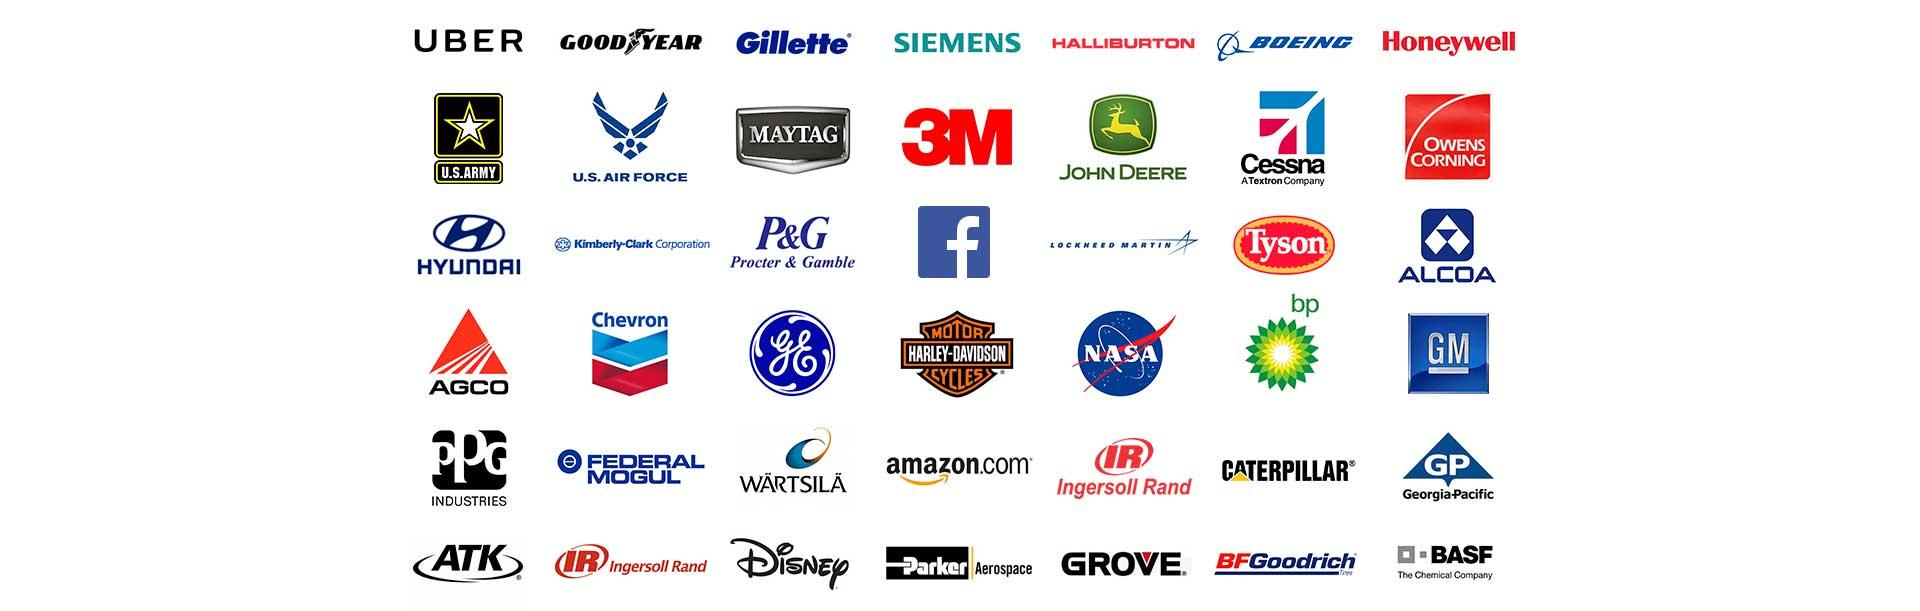 http://kundelcranes.com/sites/default/files/revslider/image/KundelCranes-HomeSlider-Clients.jpg